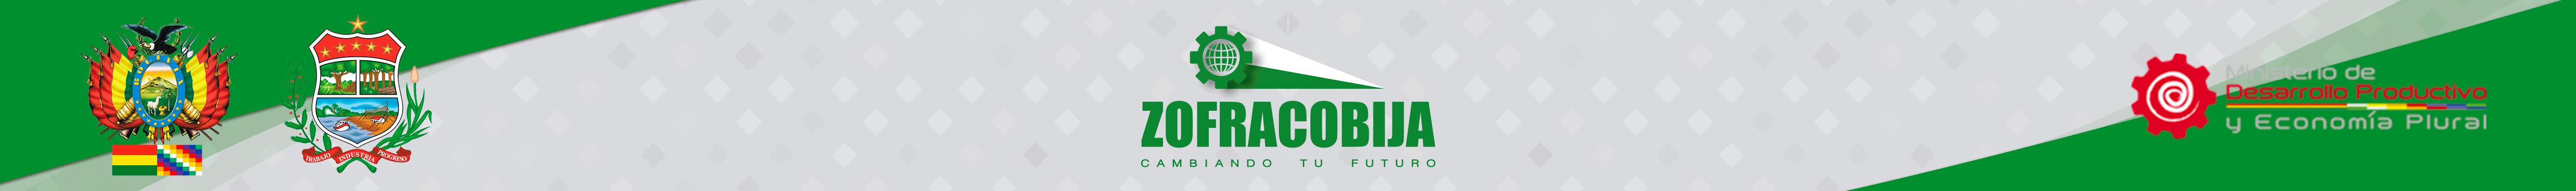 Zona Franca Comercial e Industrial de Cobija